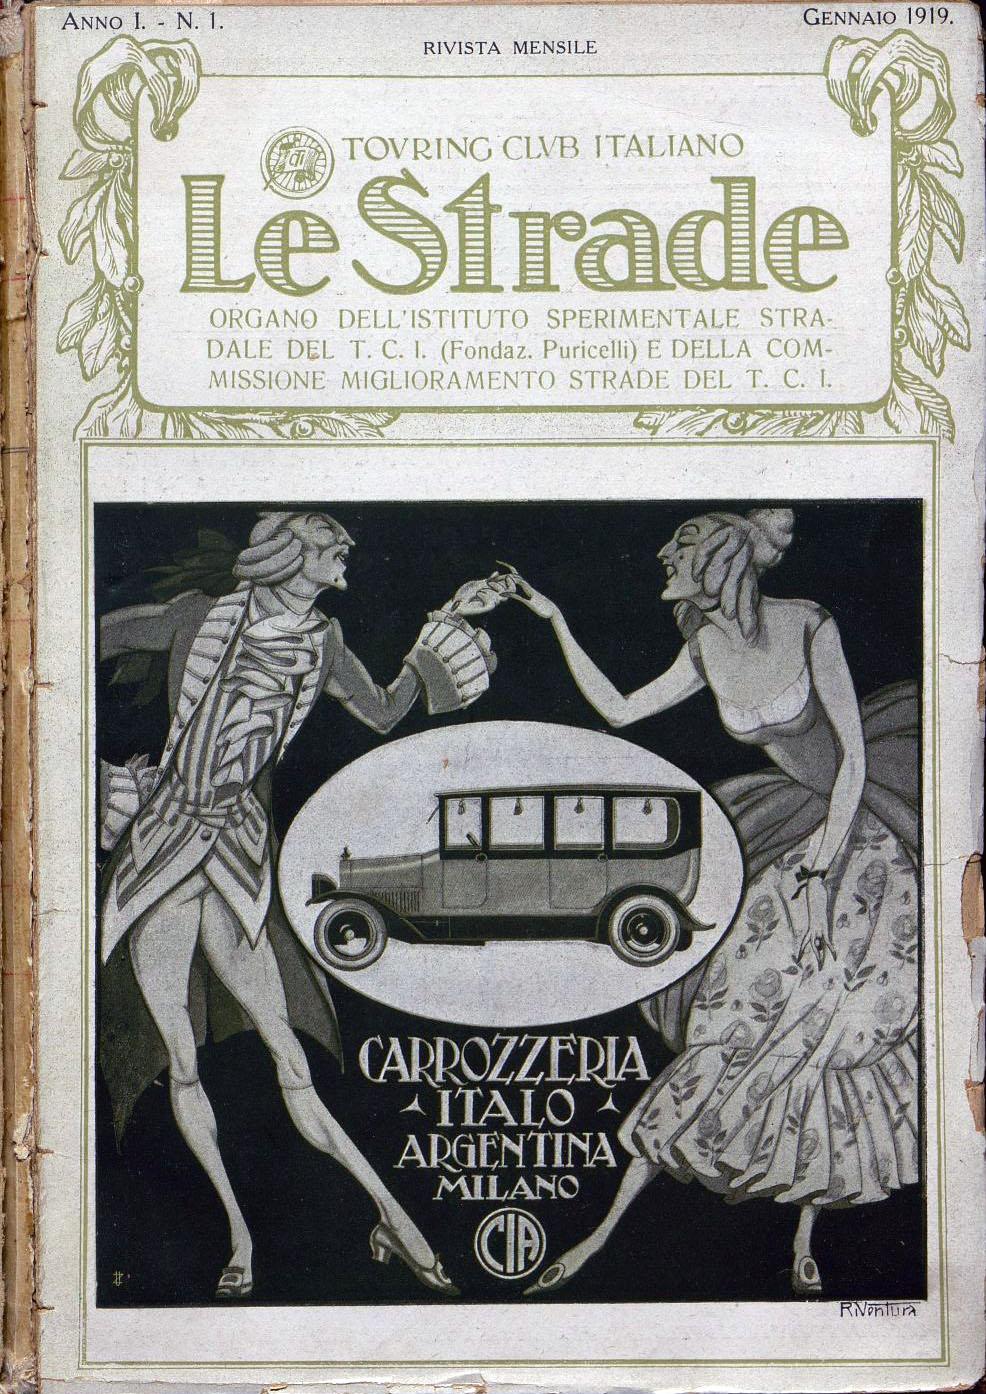 """Rivista """"Le strade"""", gennaio 1919 (fonte: Touring Club Italiano, digitouring.it)"""